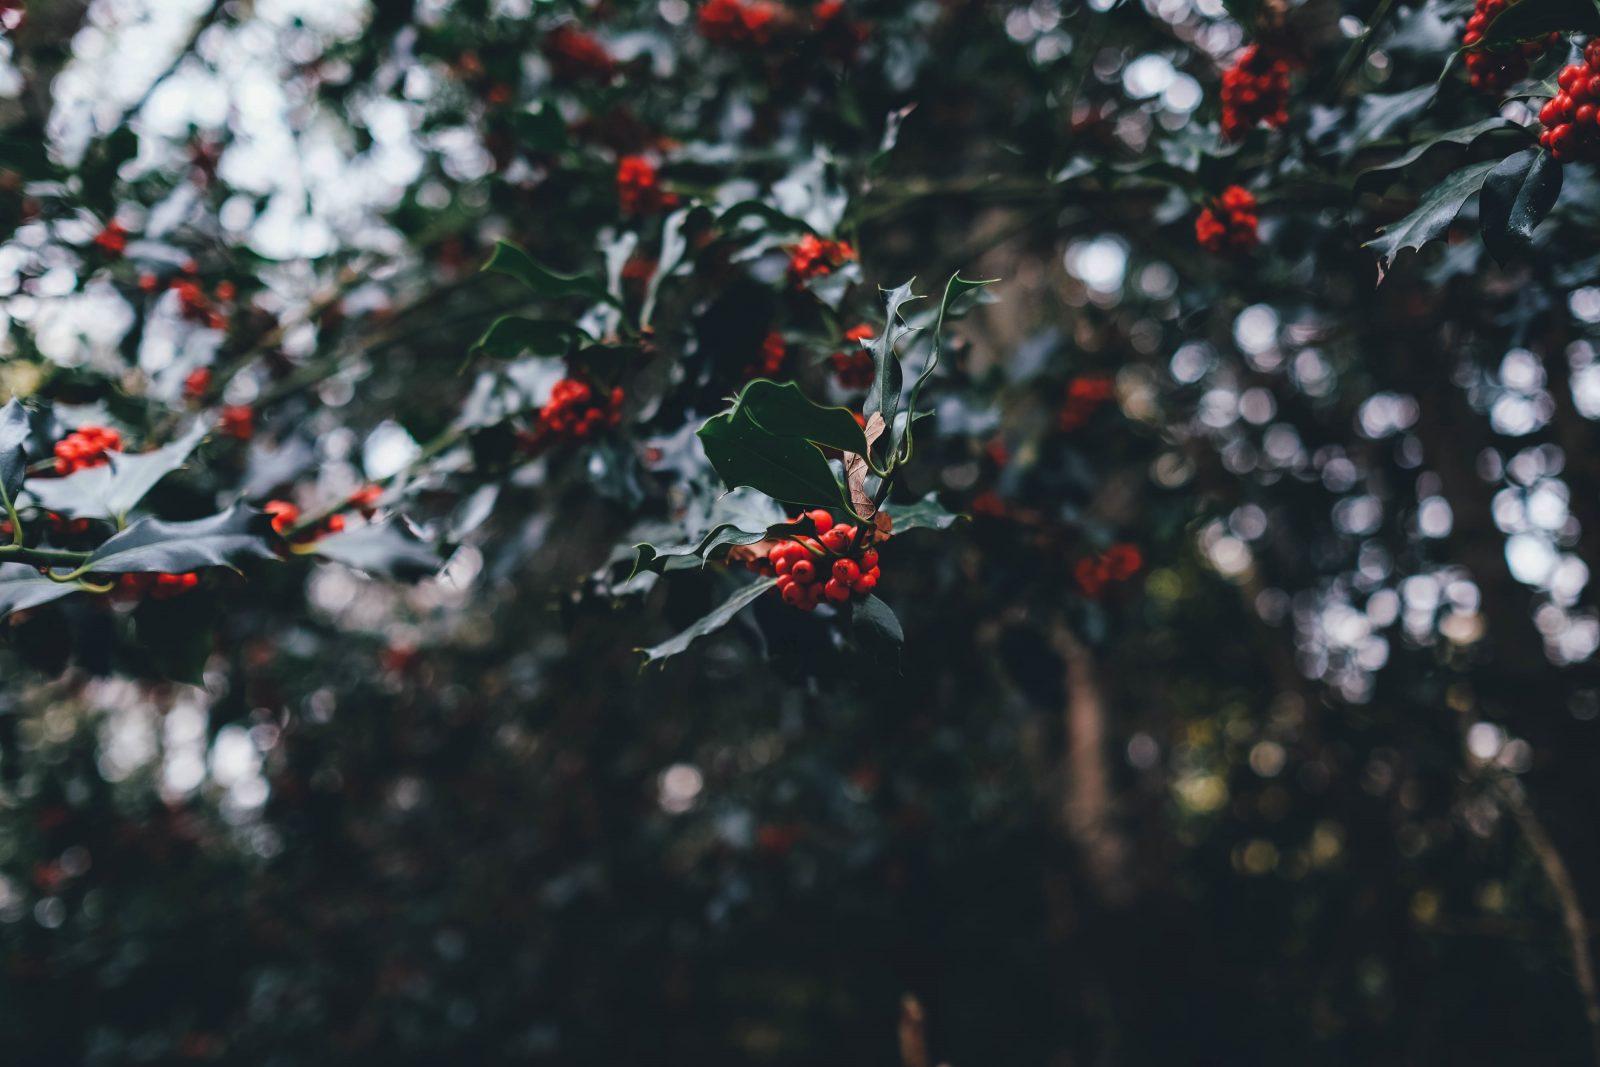 Lehet jó a karácsony? Egyszülős családok ünnepe